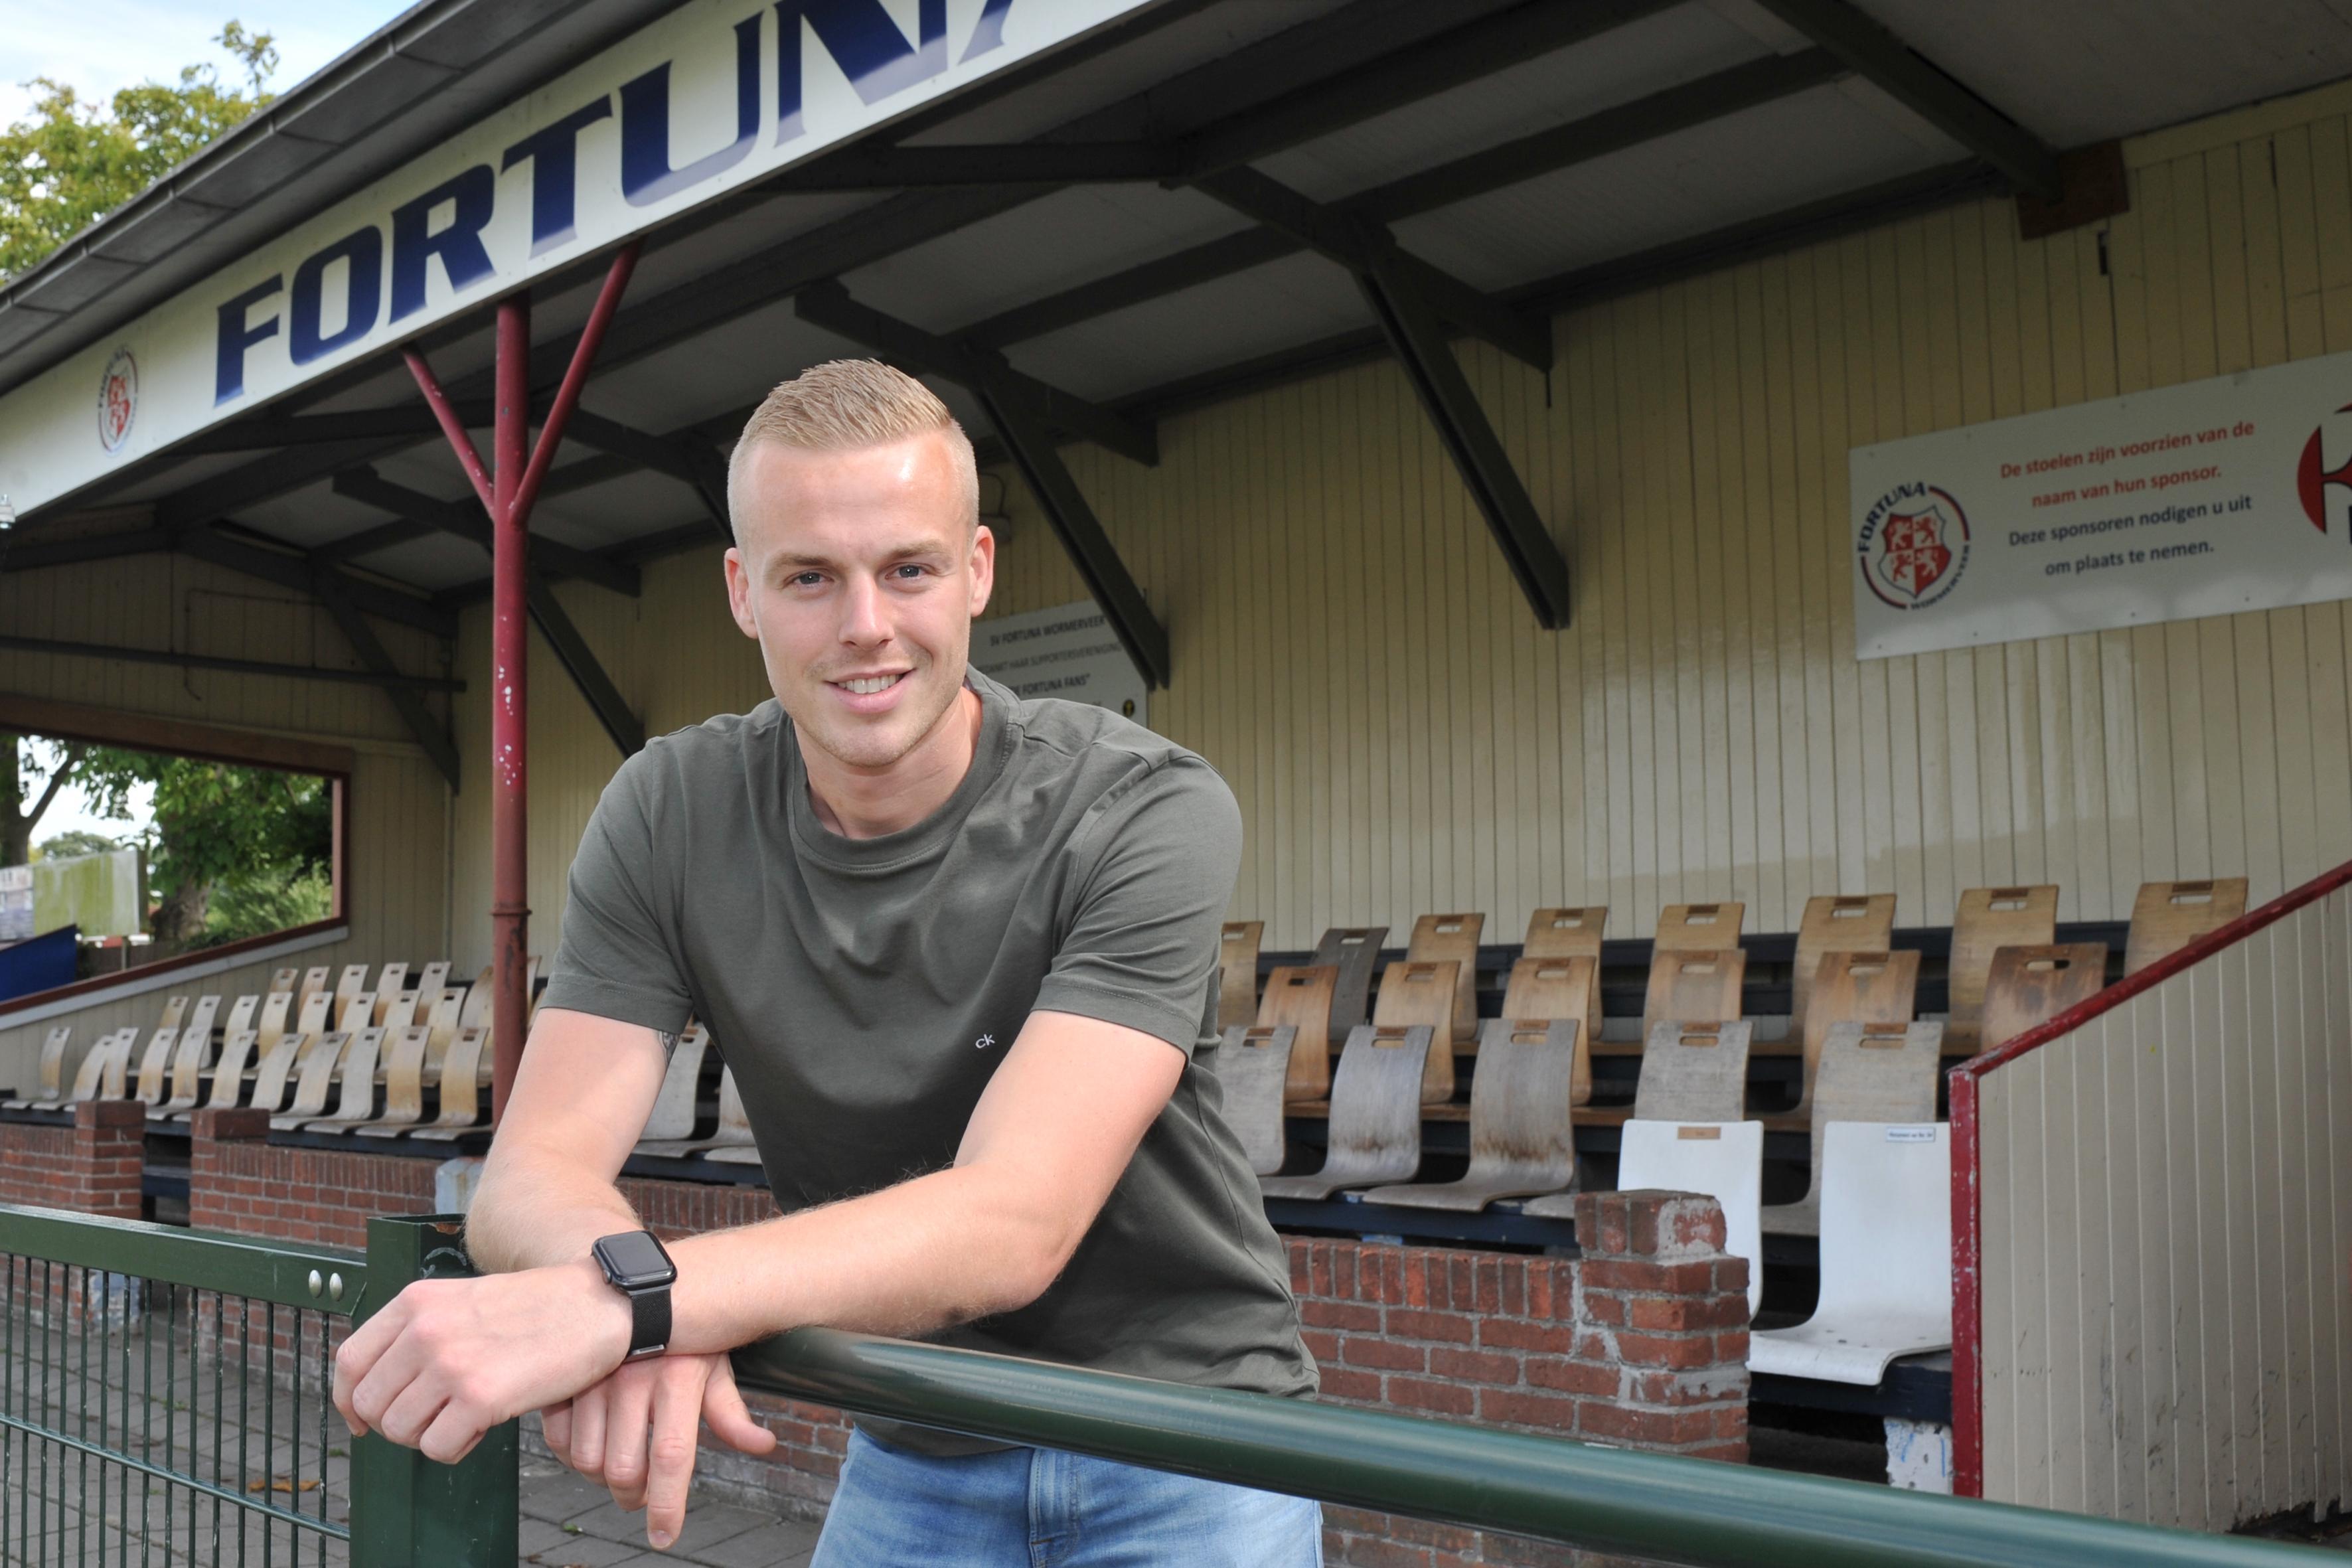 Spits Jordi Wigman na avonturen ADO'20 en Purmersteijn terug in de Zaanstreek bij Fortuna Wormerveer: 'Nooit aan mezelf getwijfeld'